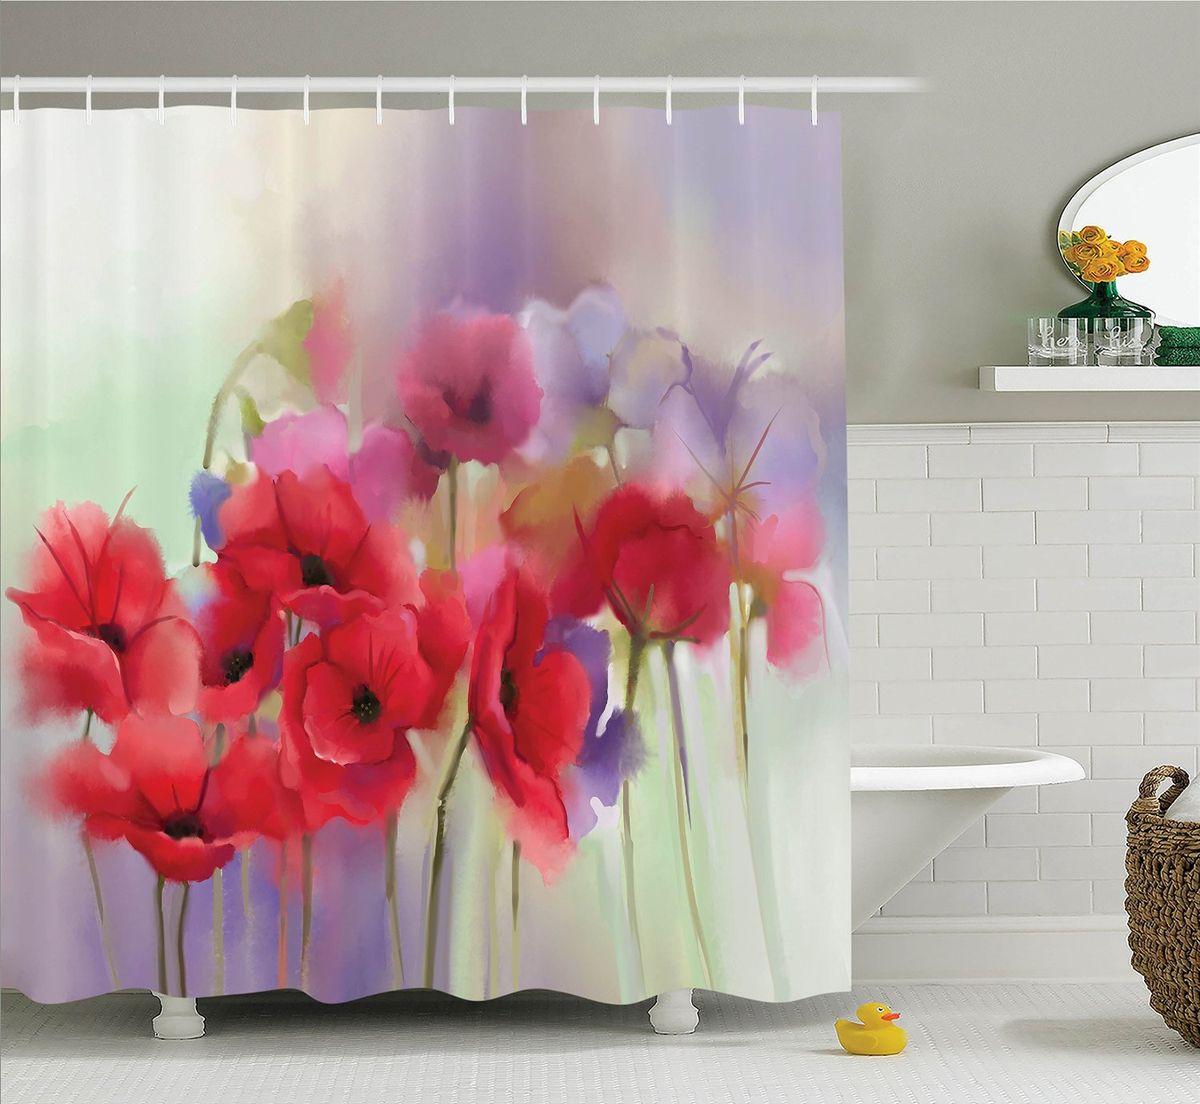 Штора для ванной комнаты Magic Lady Алые цветы на лиловом фоне, 180 х 200 см фотоштора для ванной утка принимает душ magic lady 180 х 200 см